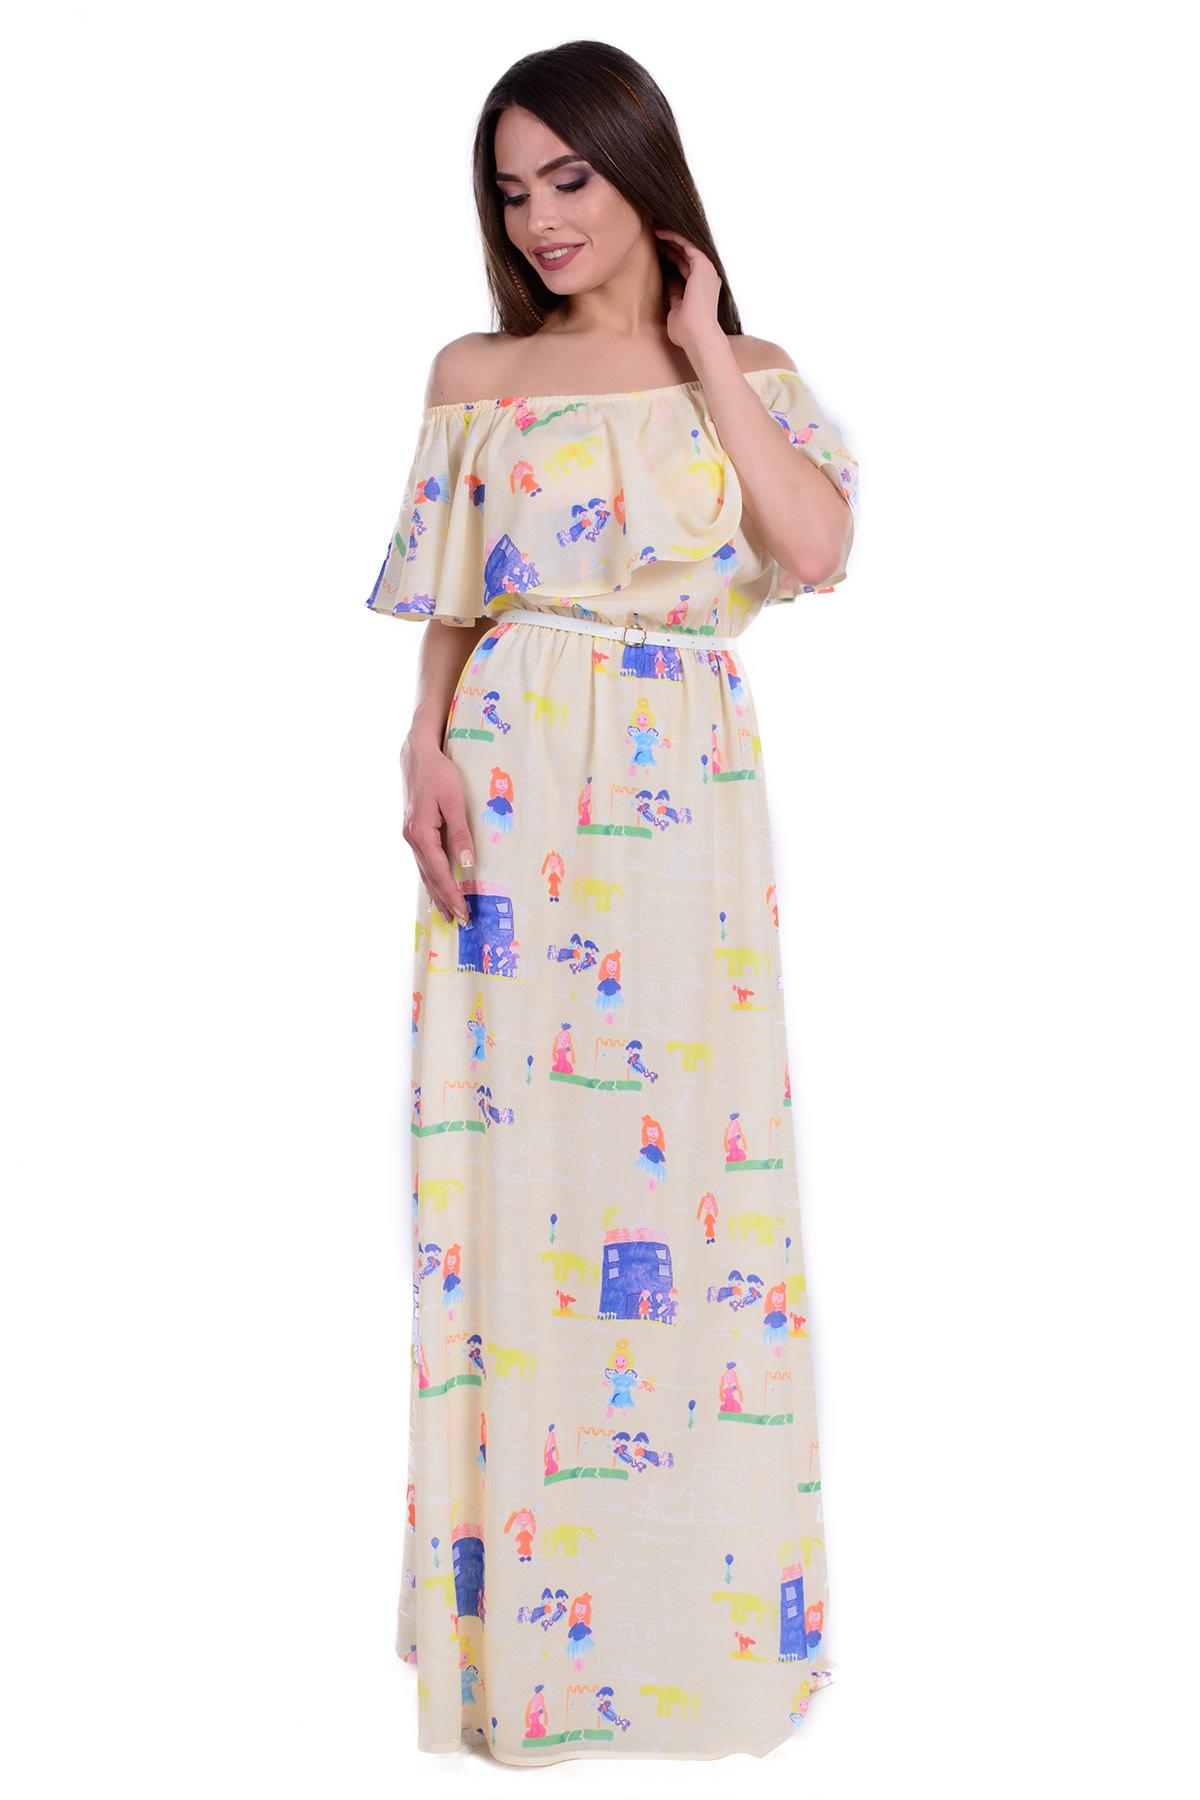 768867c3002 Платья трикотажные оптом от производителя Платье Крис креп шифон принт  стрейч